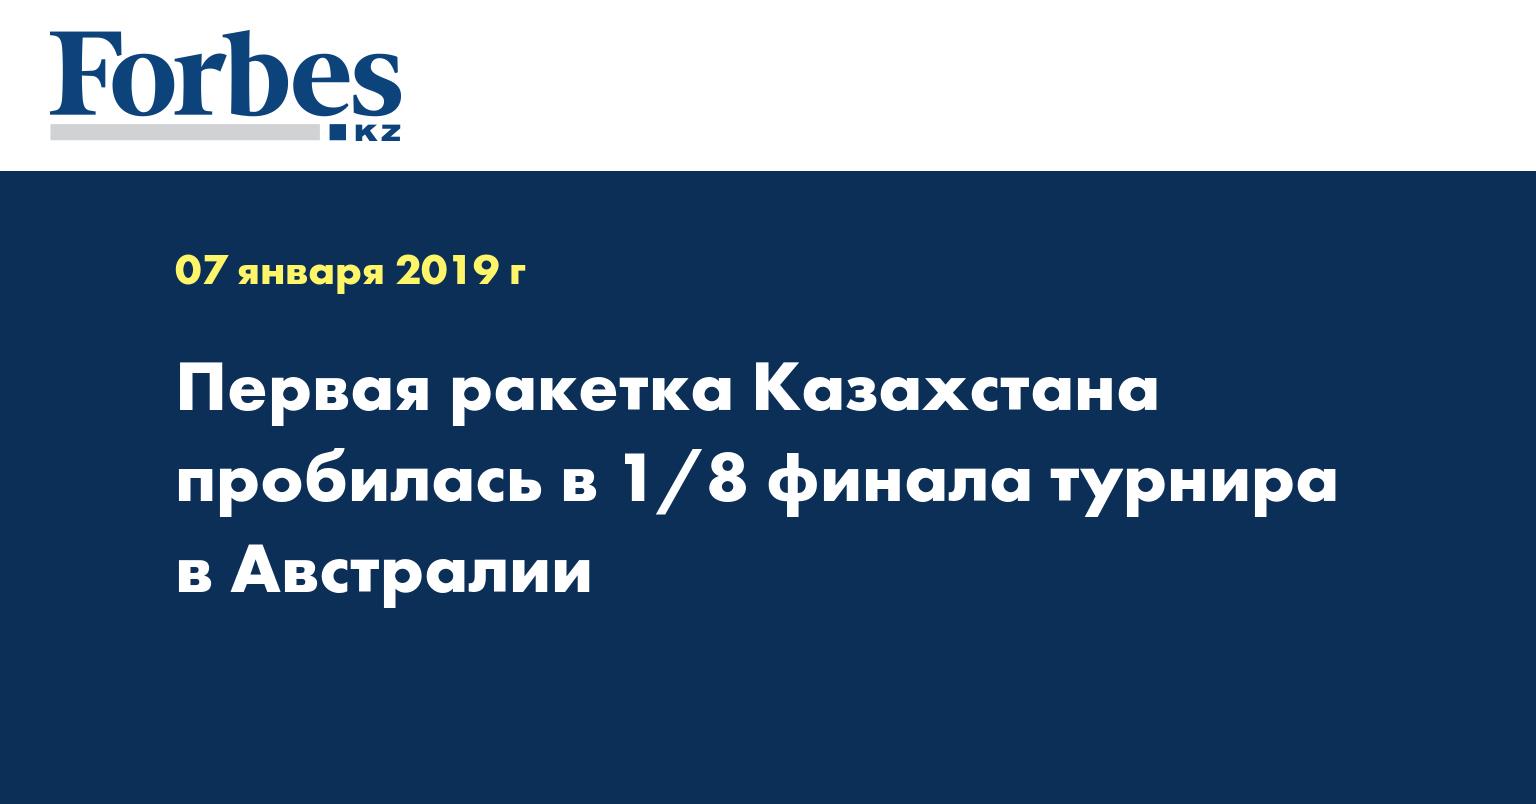 Первая ракетка Казахстана пробилась в 1/8 финала турнира в Австралии